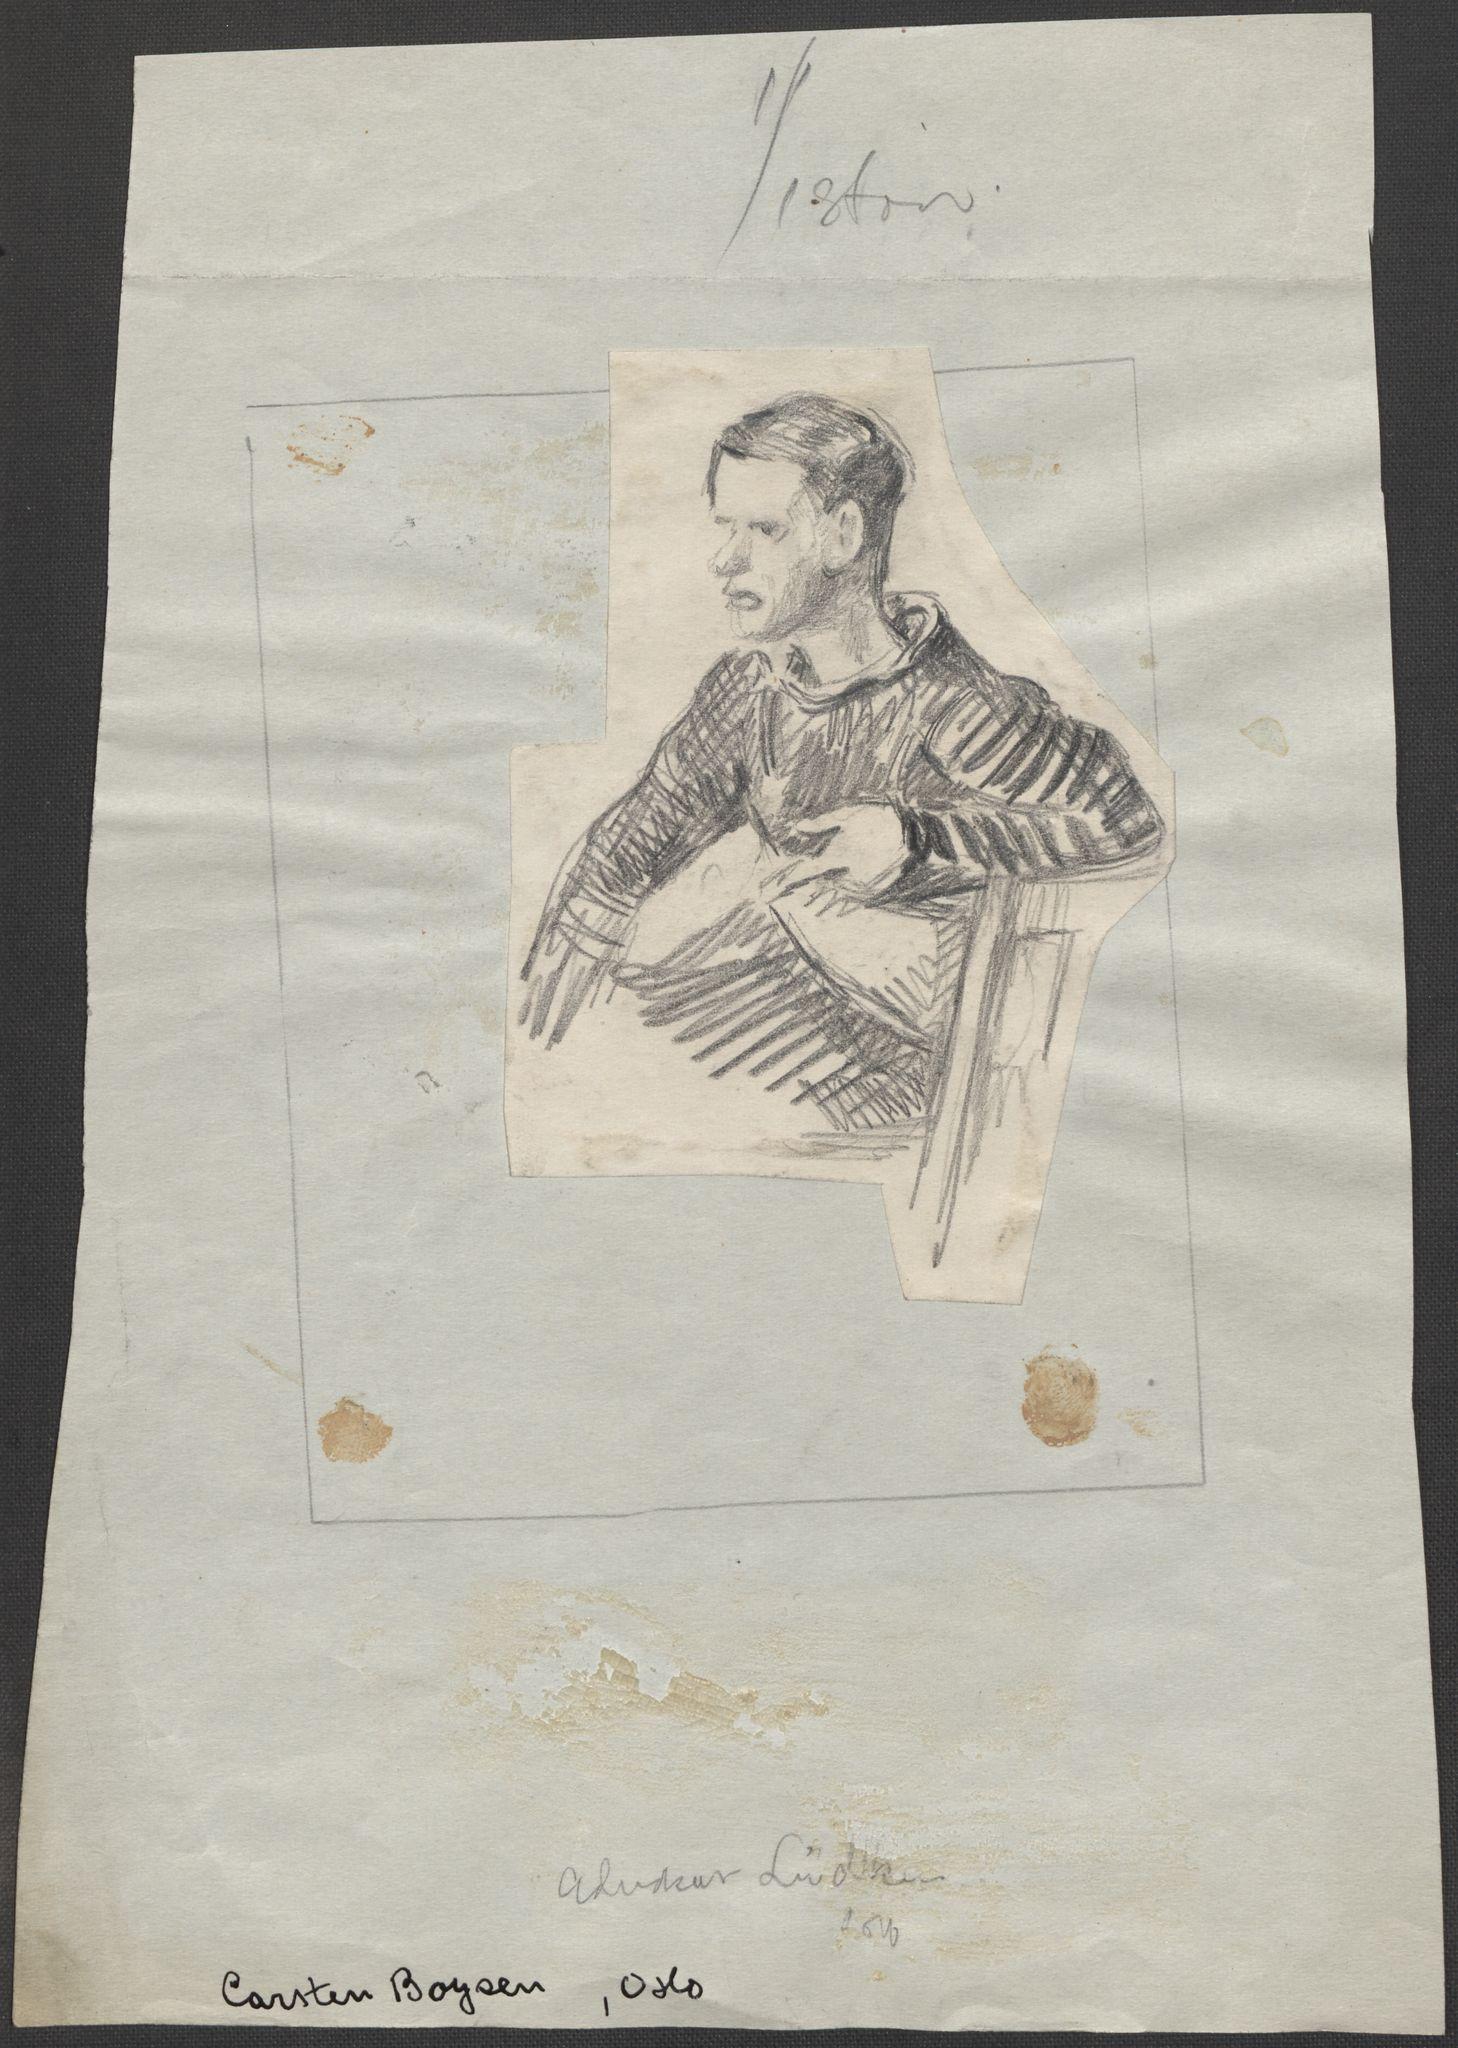 RA, Grøgaard, Joachim, F/L0002: Tegninger og tekster, 1942-1945, p. 93